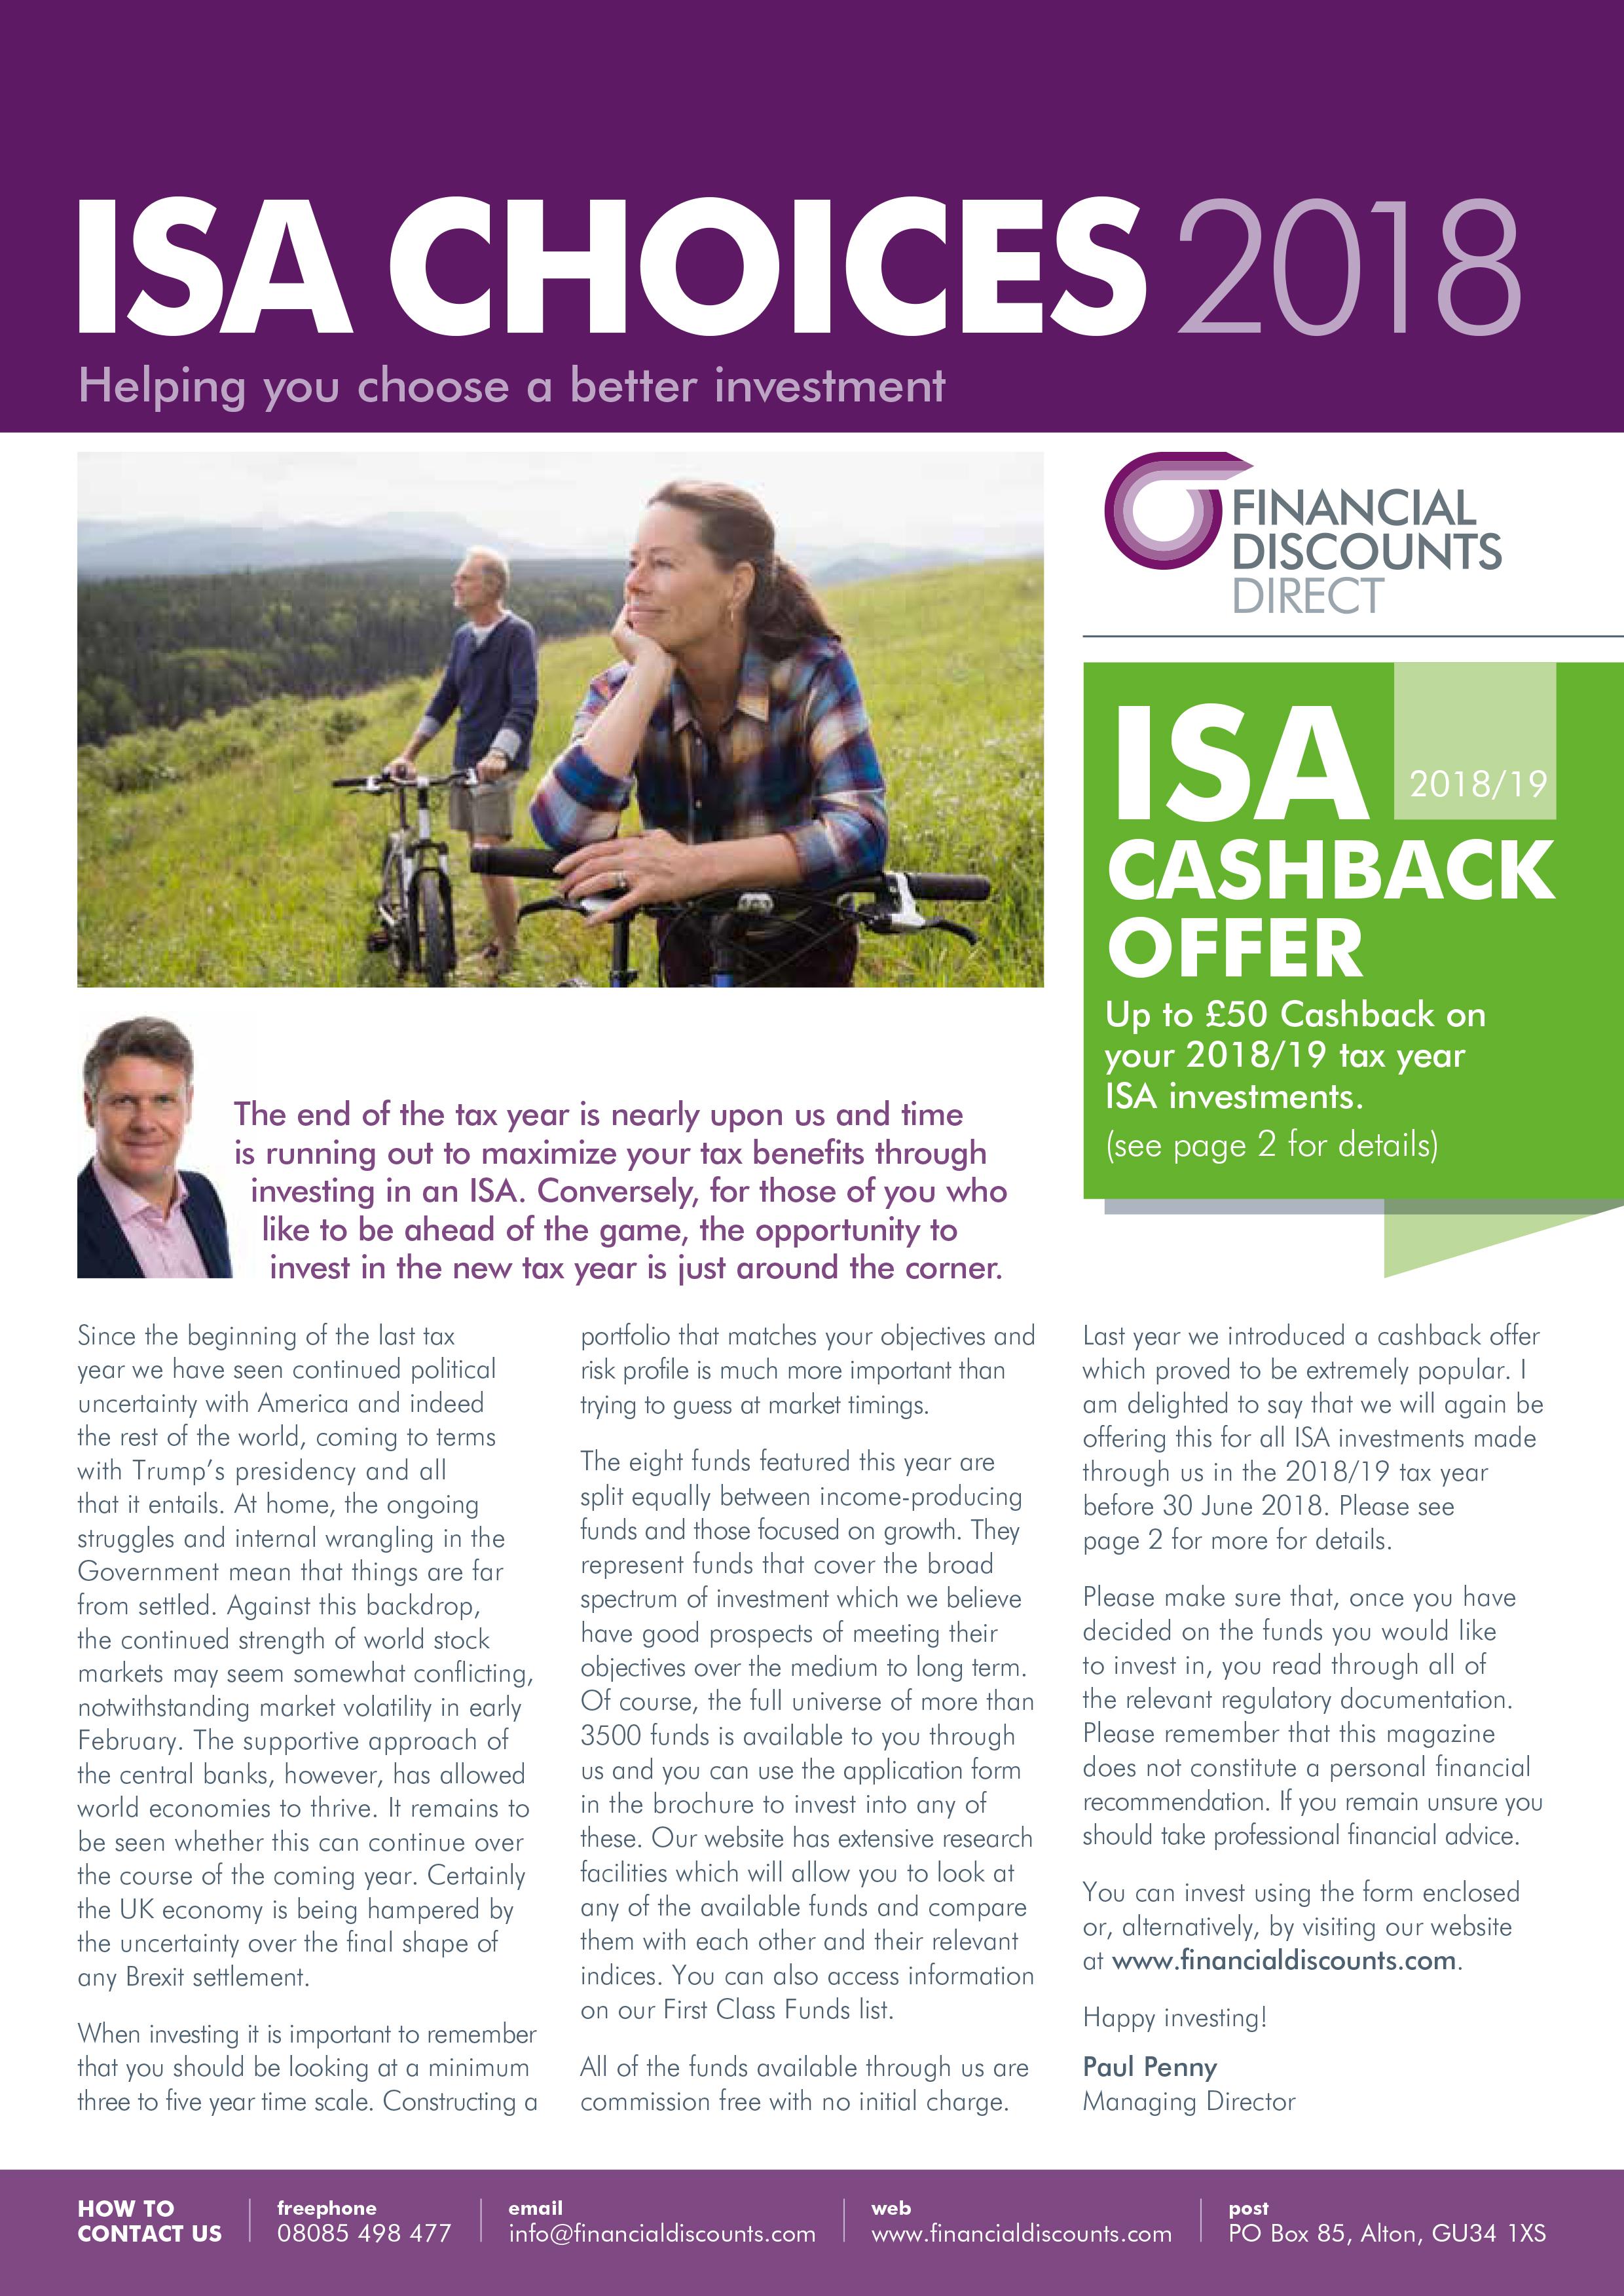 ISA Choices 2018